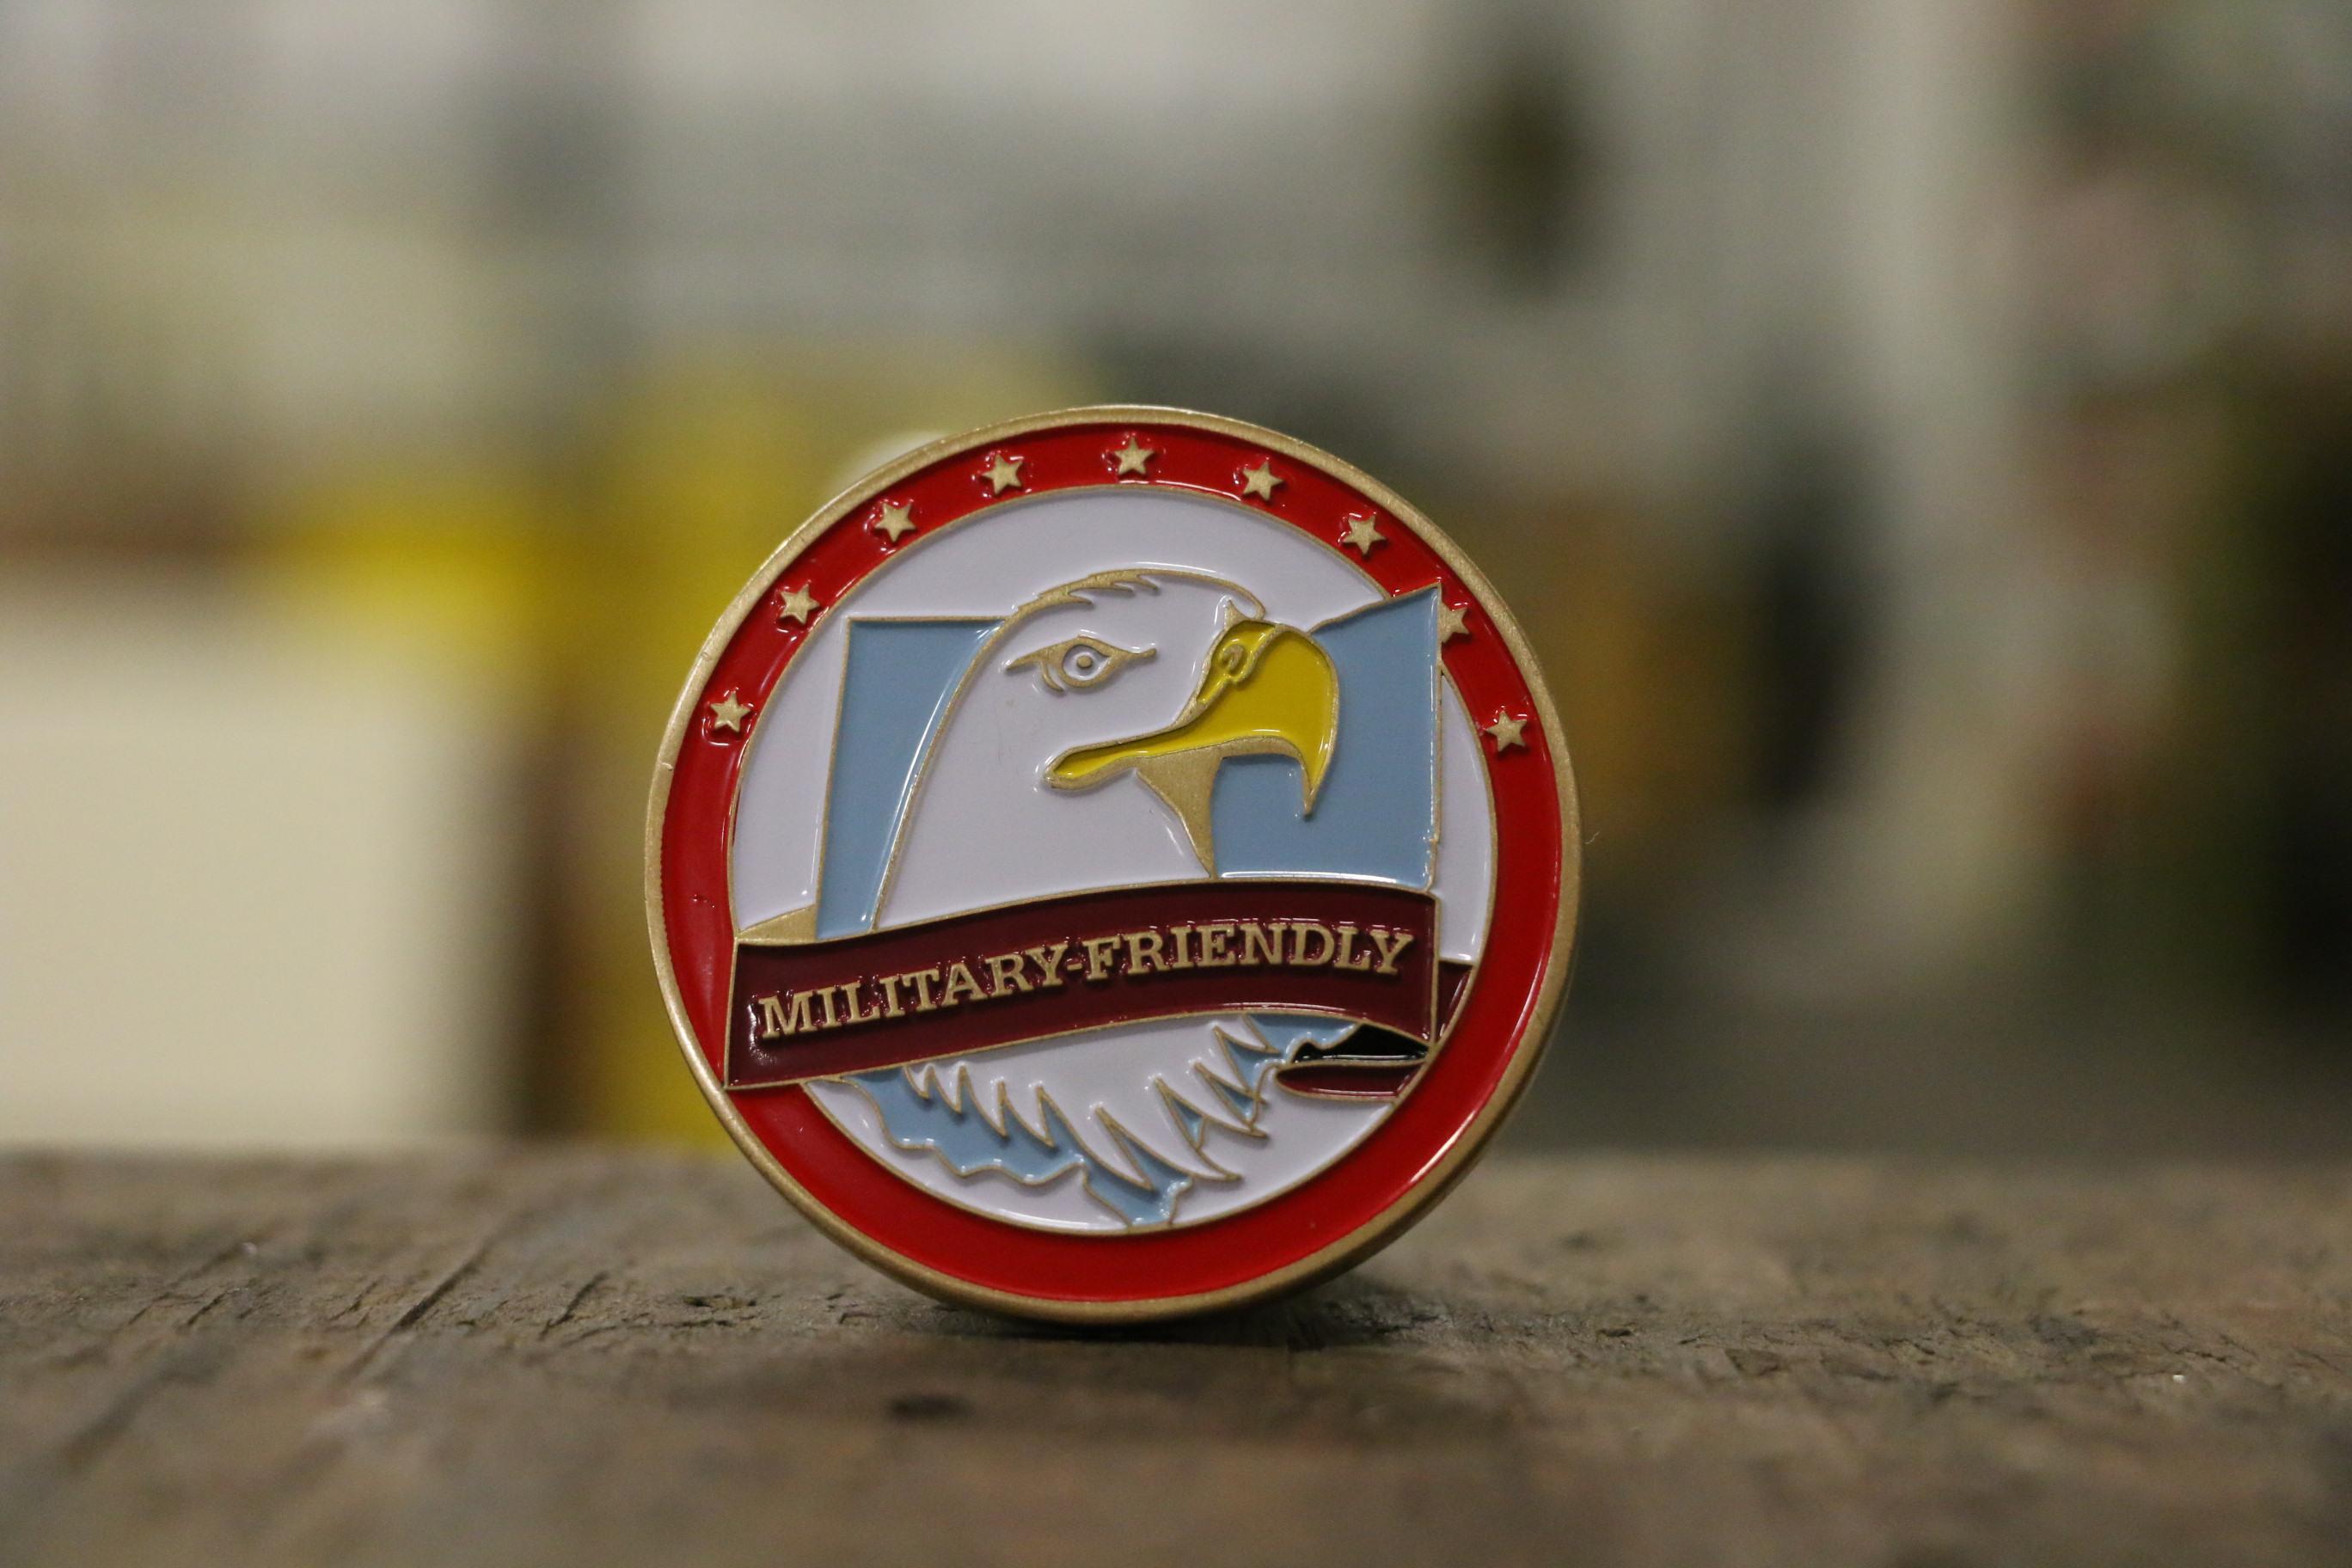 Military Friendly Coin.jpg